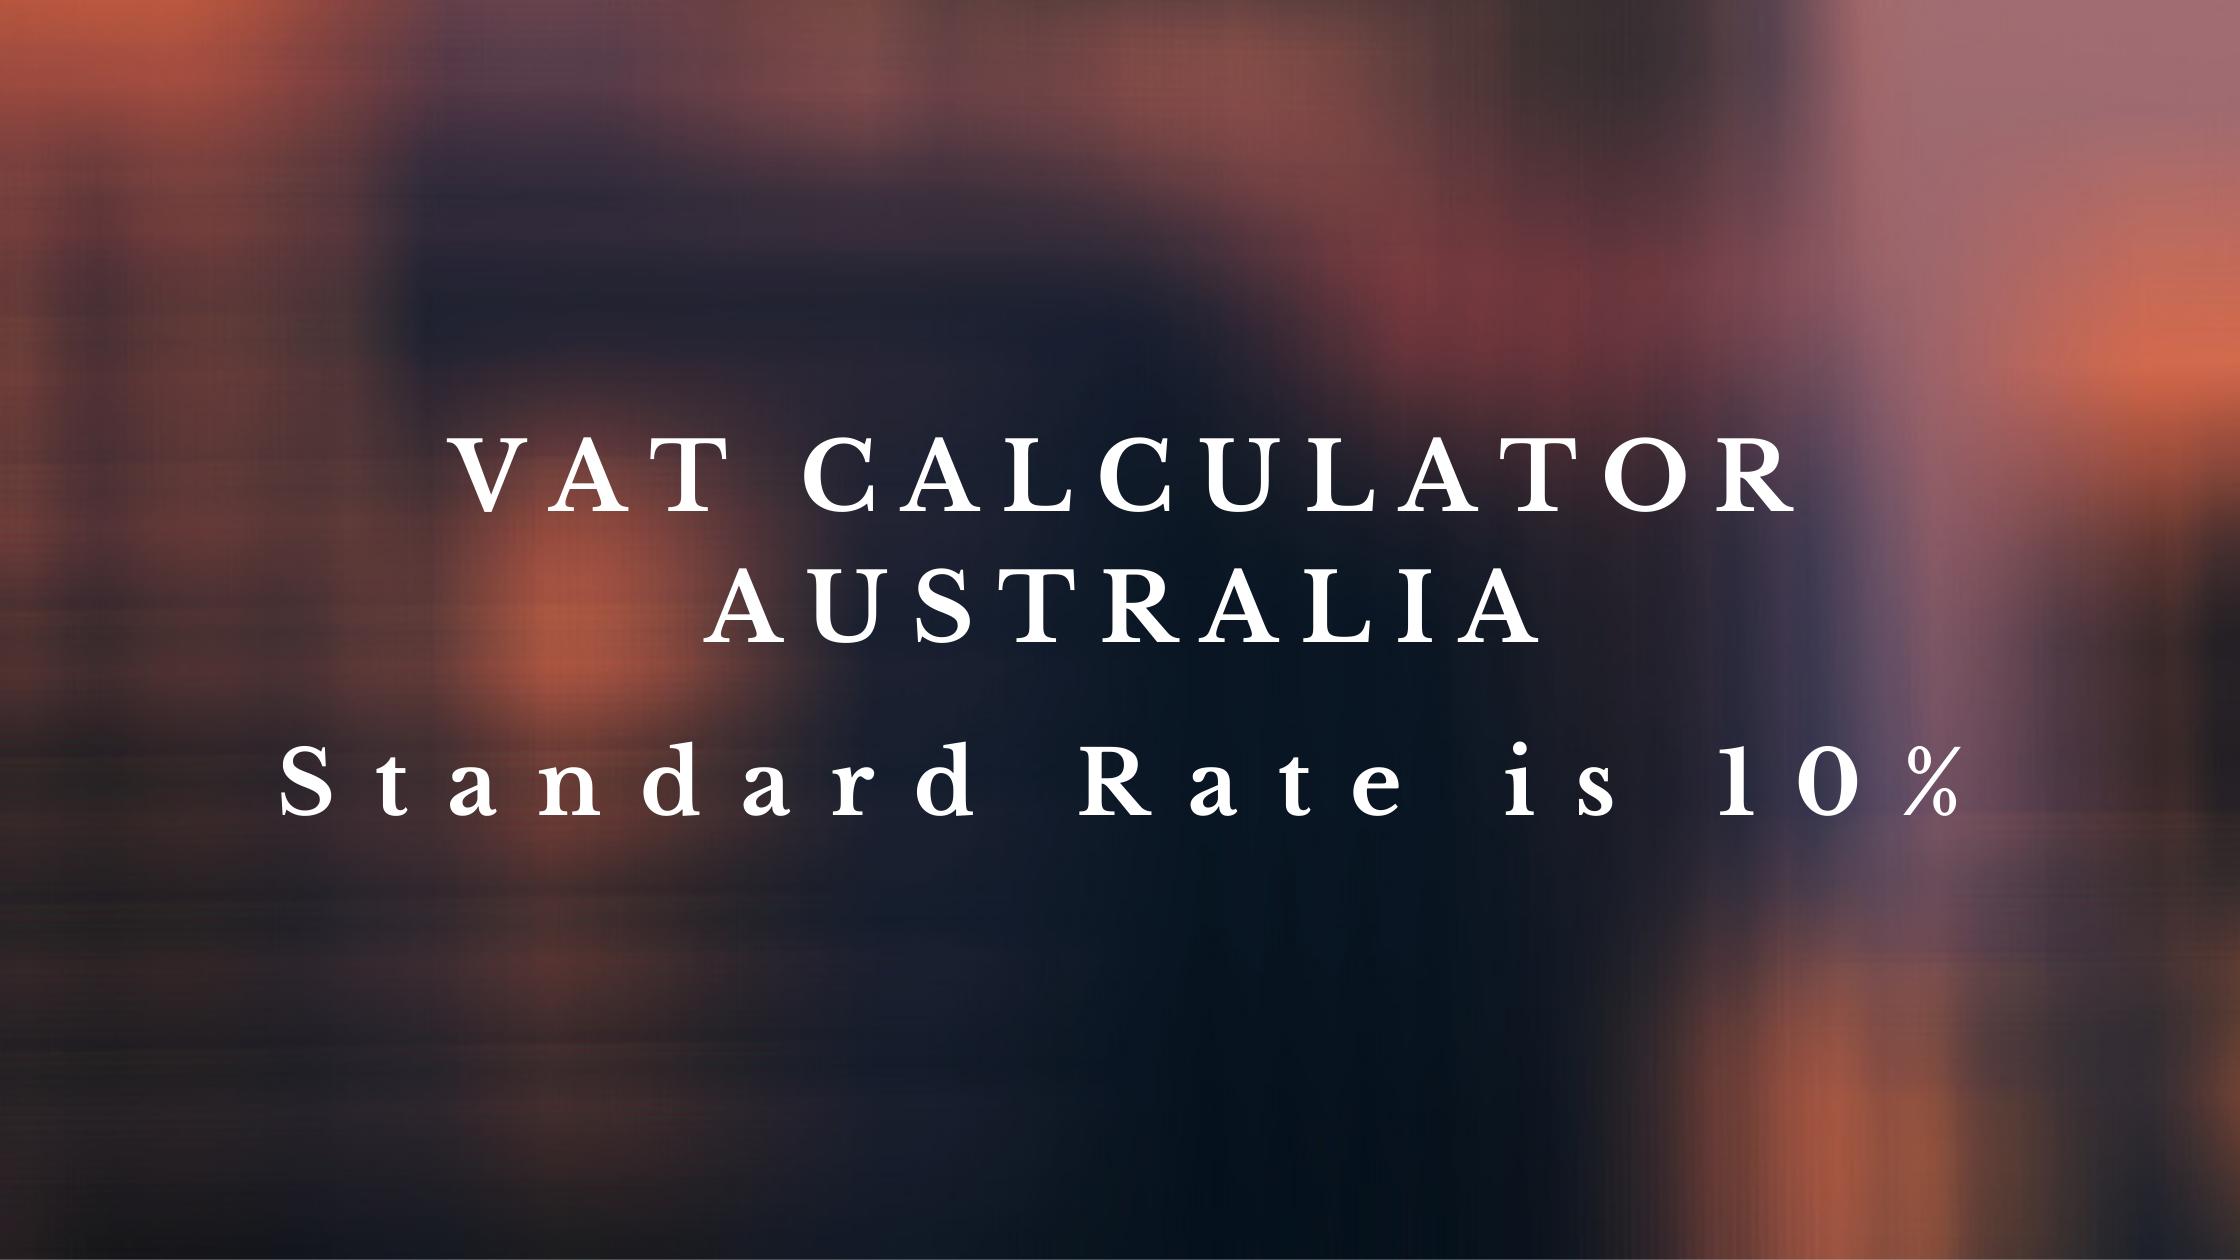 Vat Calculator Australia